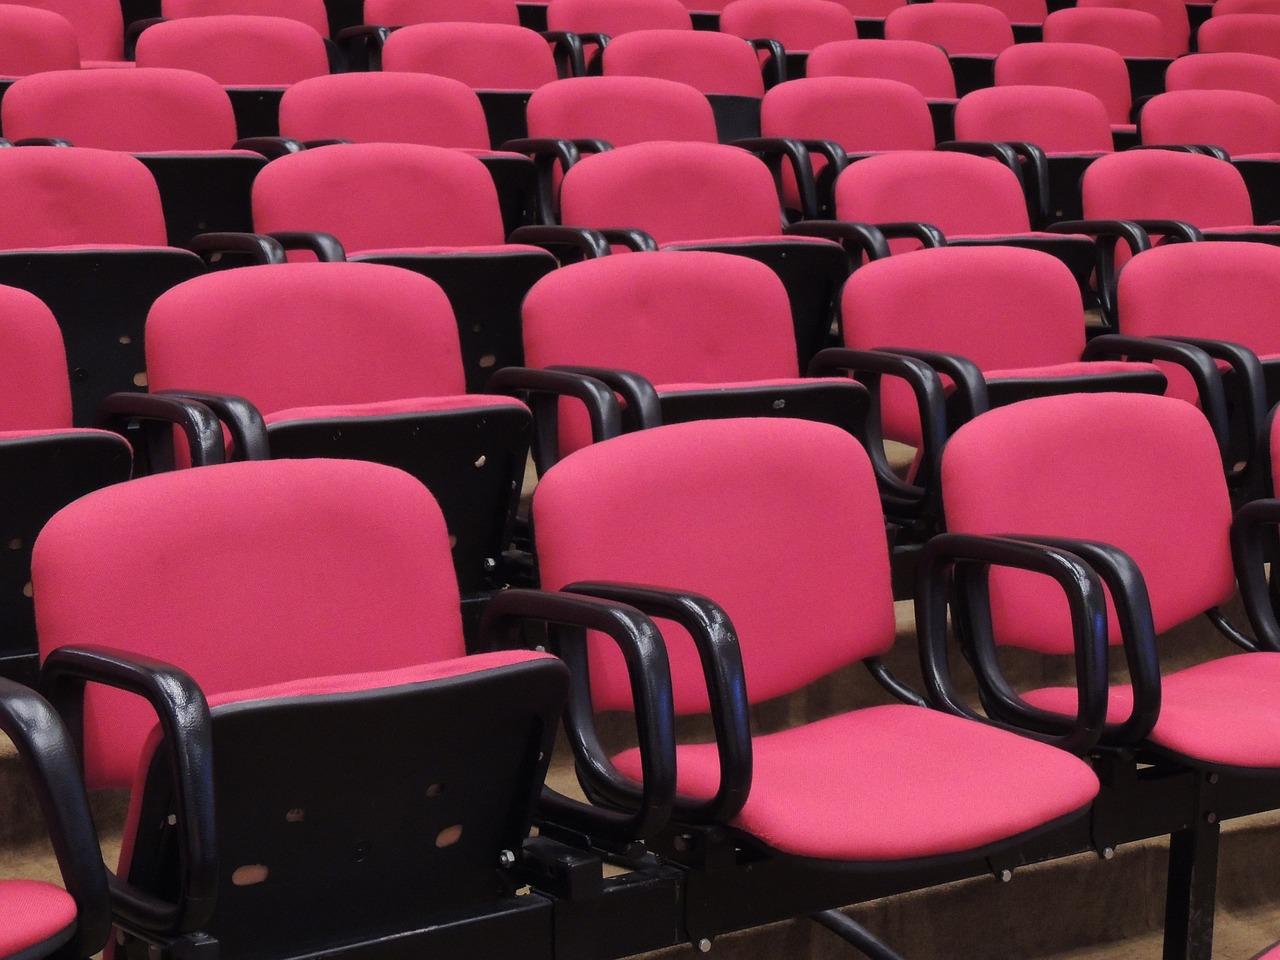 стулья конференция зал Пиксбэй